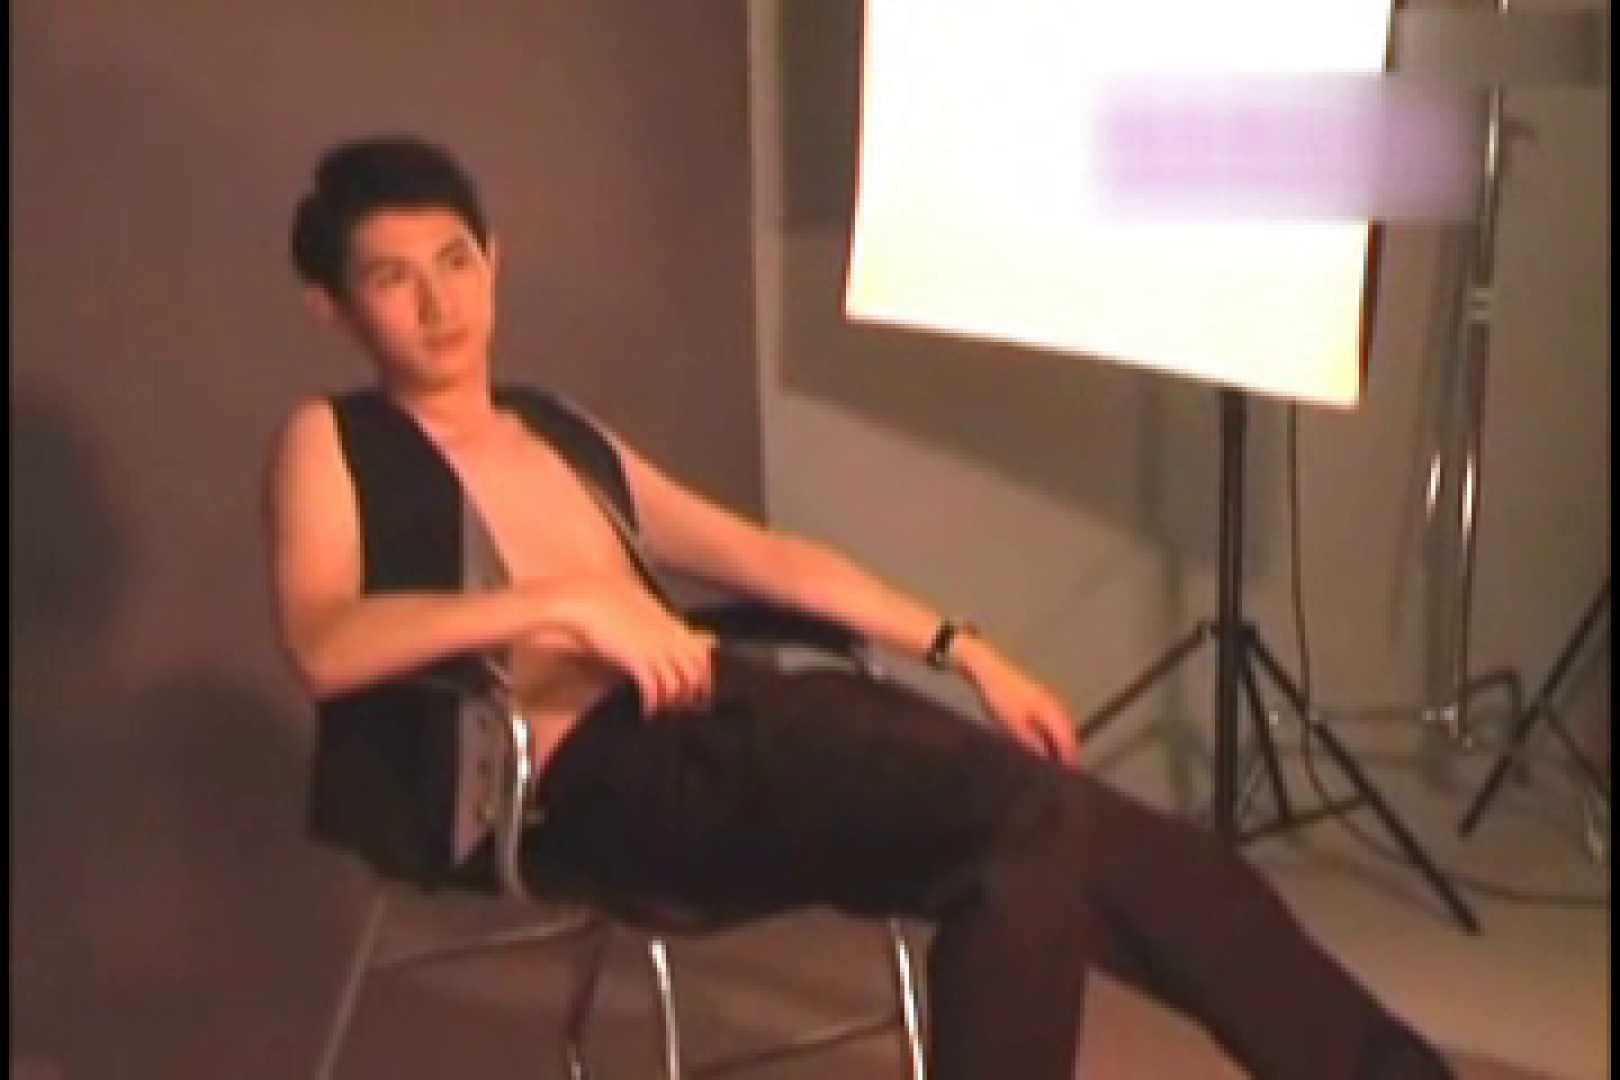 中出有名ゲイ雑誌★魅力●生★付録DVD収録スーパーモデルヌードvol1 ゲイイメージ ゲイエロ画像 95pic 93